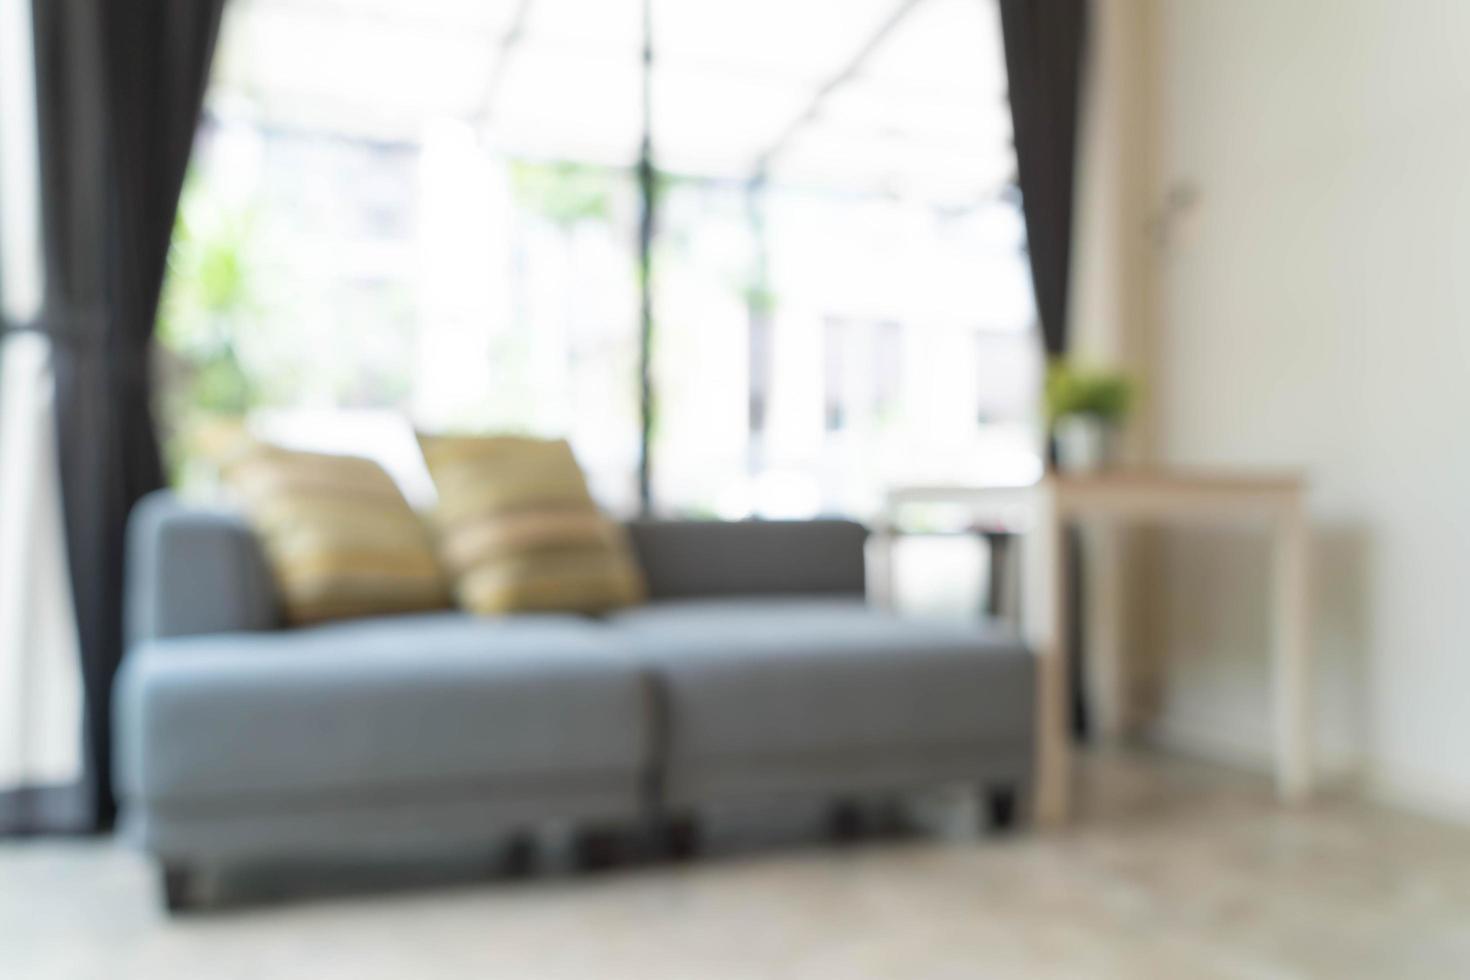 abstrakte Unschärfe moderne Inneneinrichtung im Wohnzimmer foto